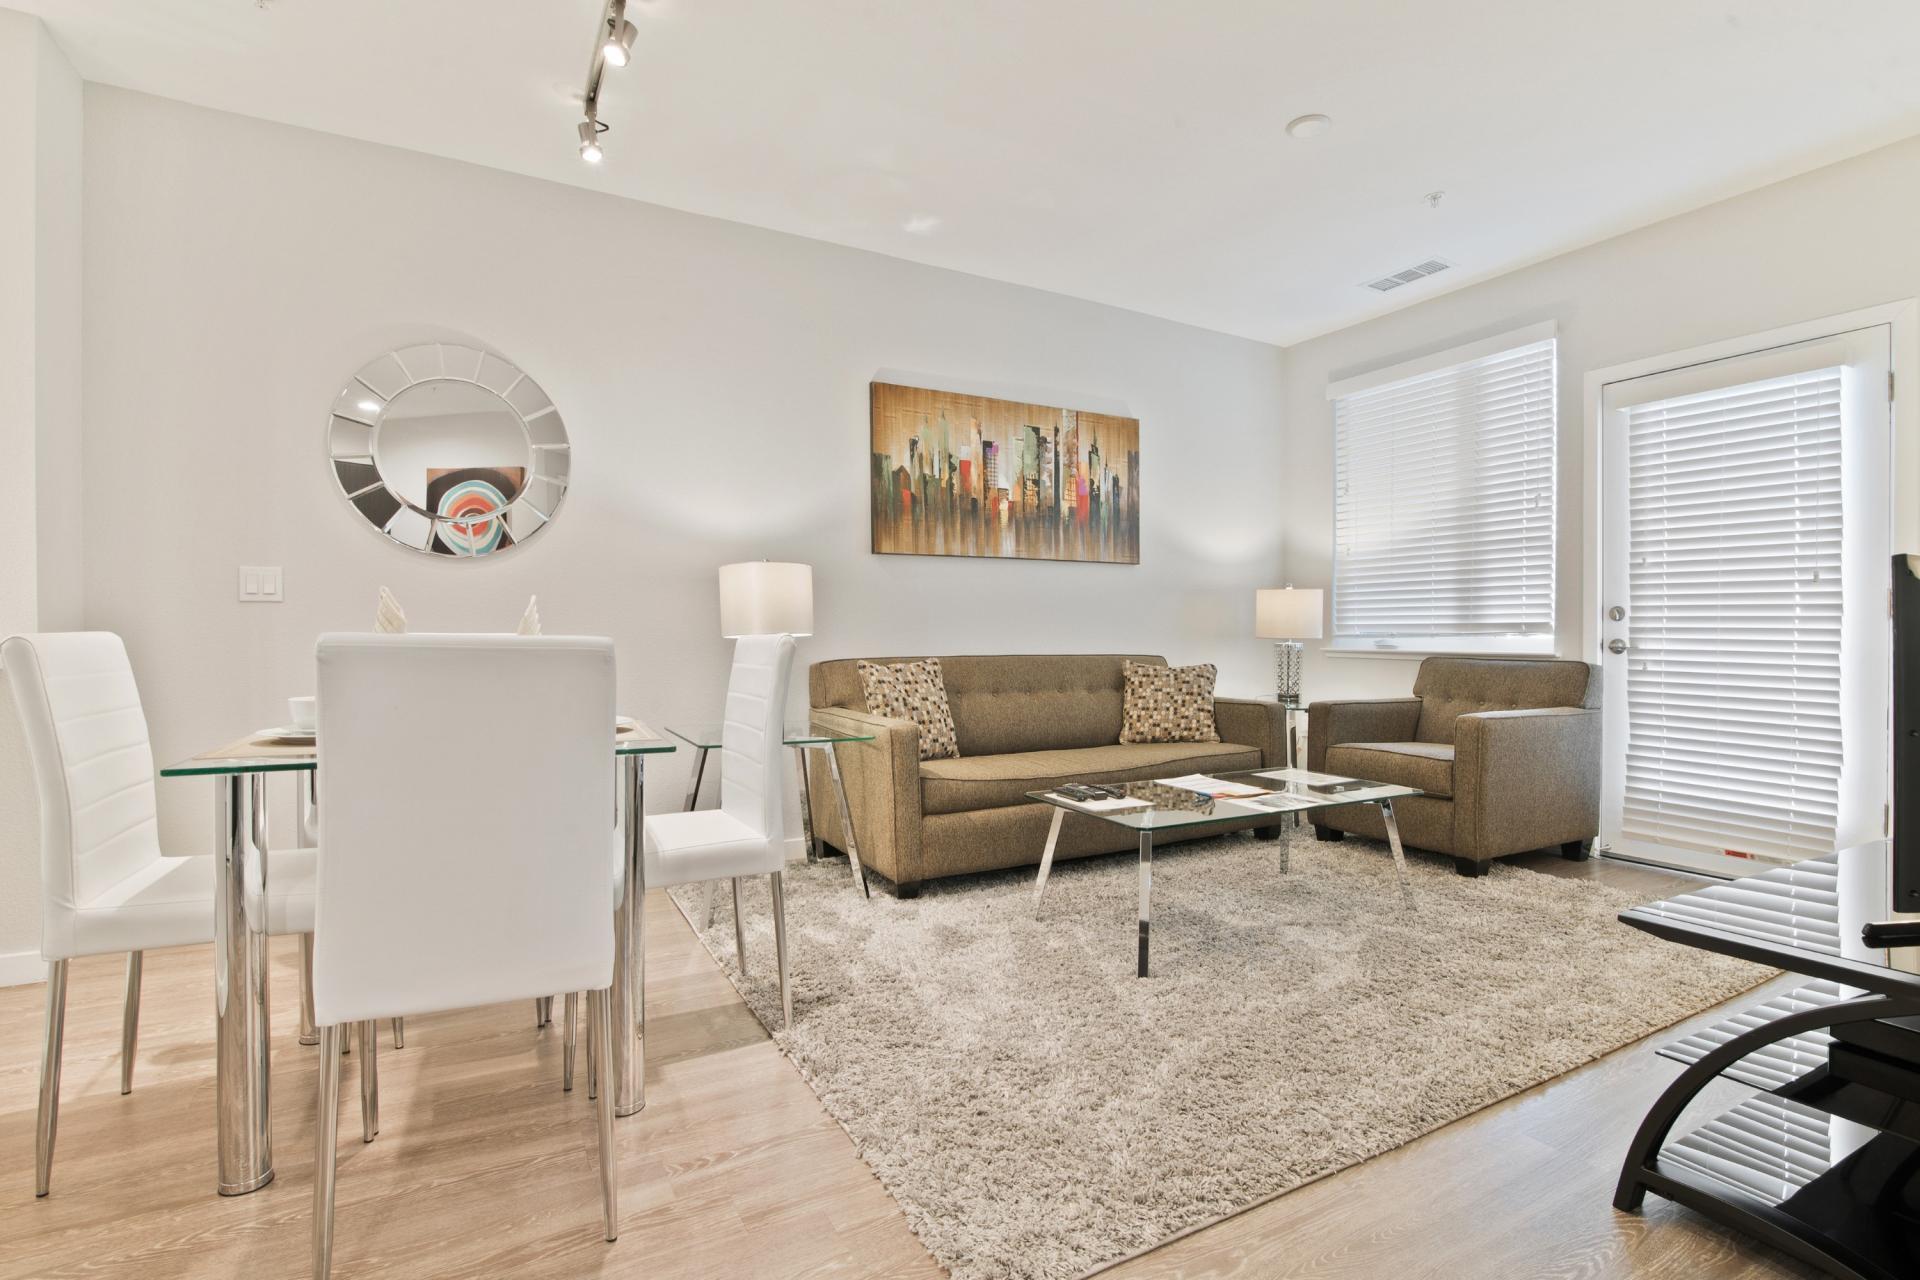 Living room at Anton Menlo Apartments, Friendly Acres, Menlo Park